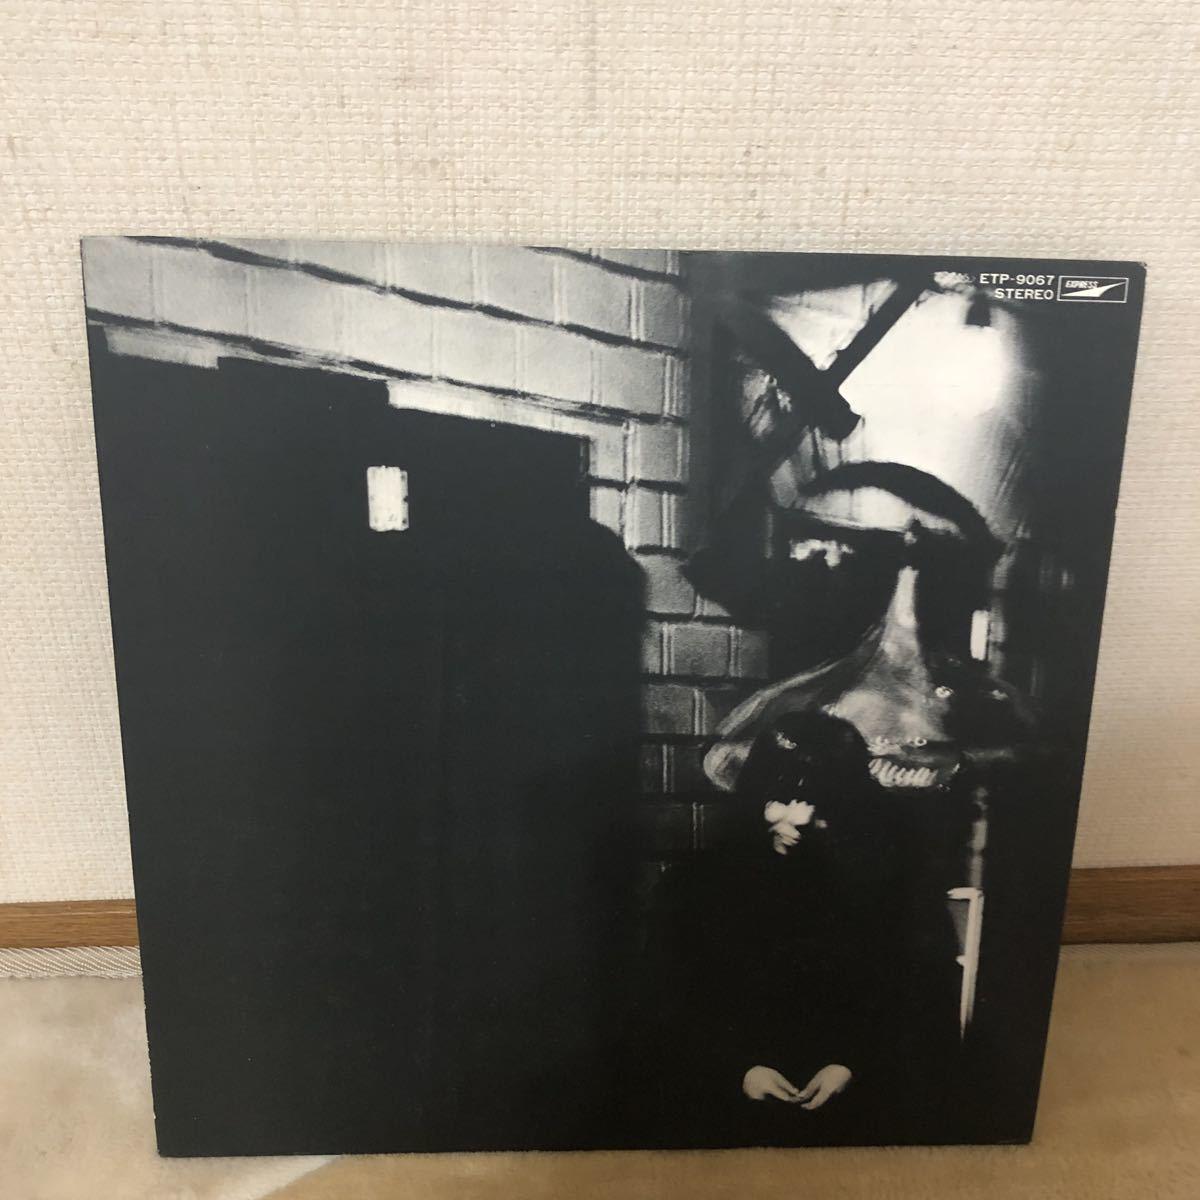 LPレコード★邦楽☆★浅川マキ★ブルースピリットブルース レコード多数出品中